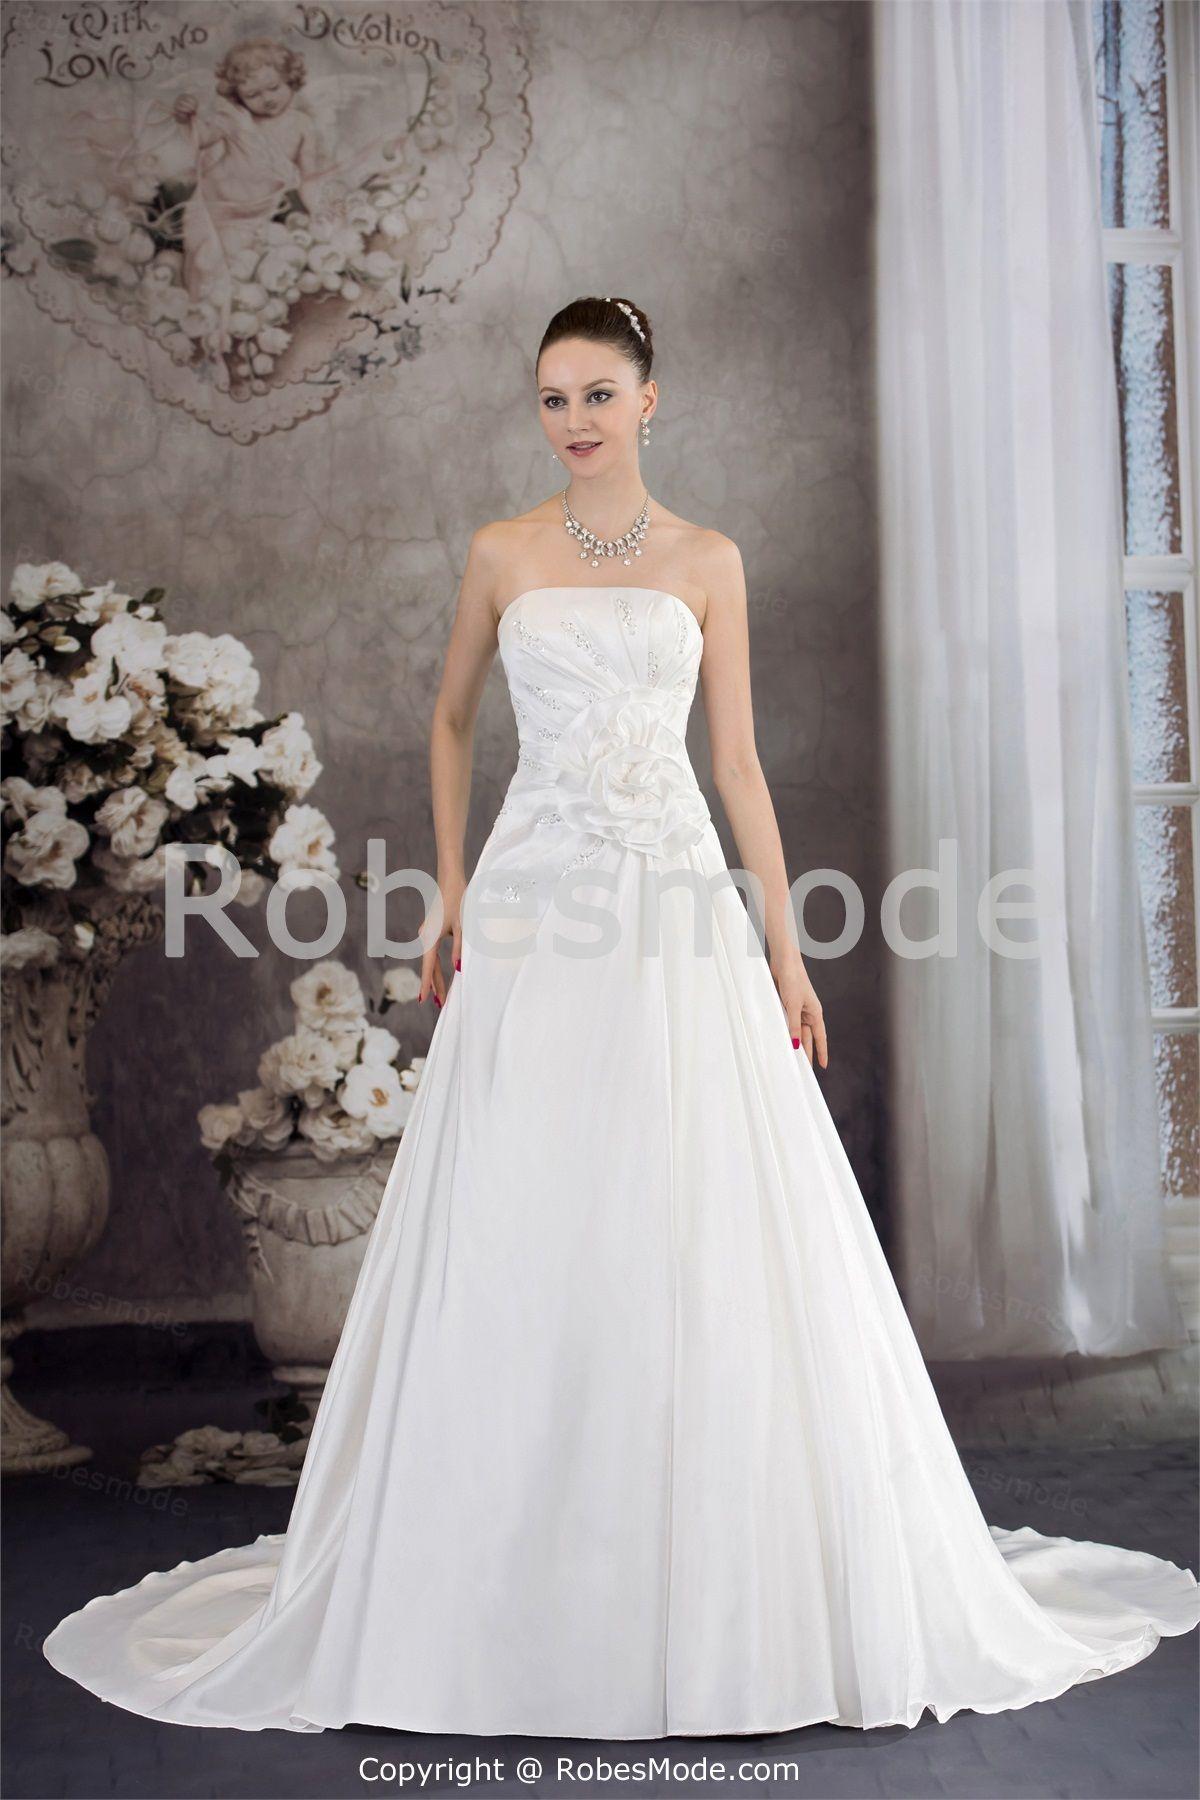 Robe de mariée A-ligne sans bretelles ornée de fleur et de perles en satin et taffetas à traîne palais €175.99